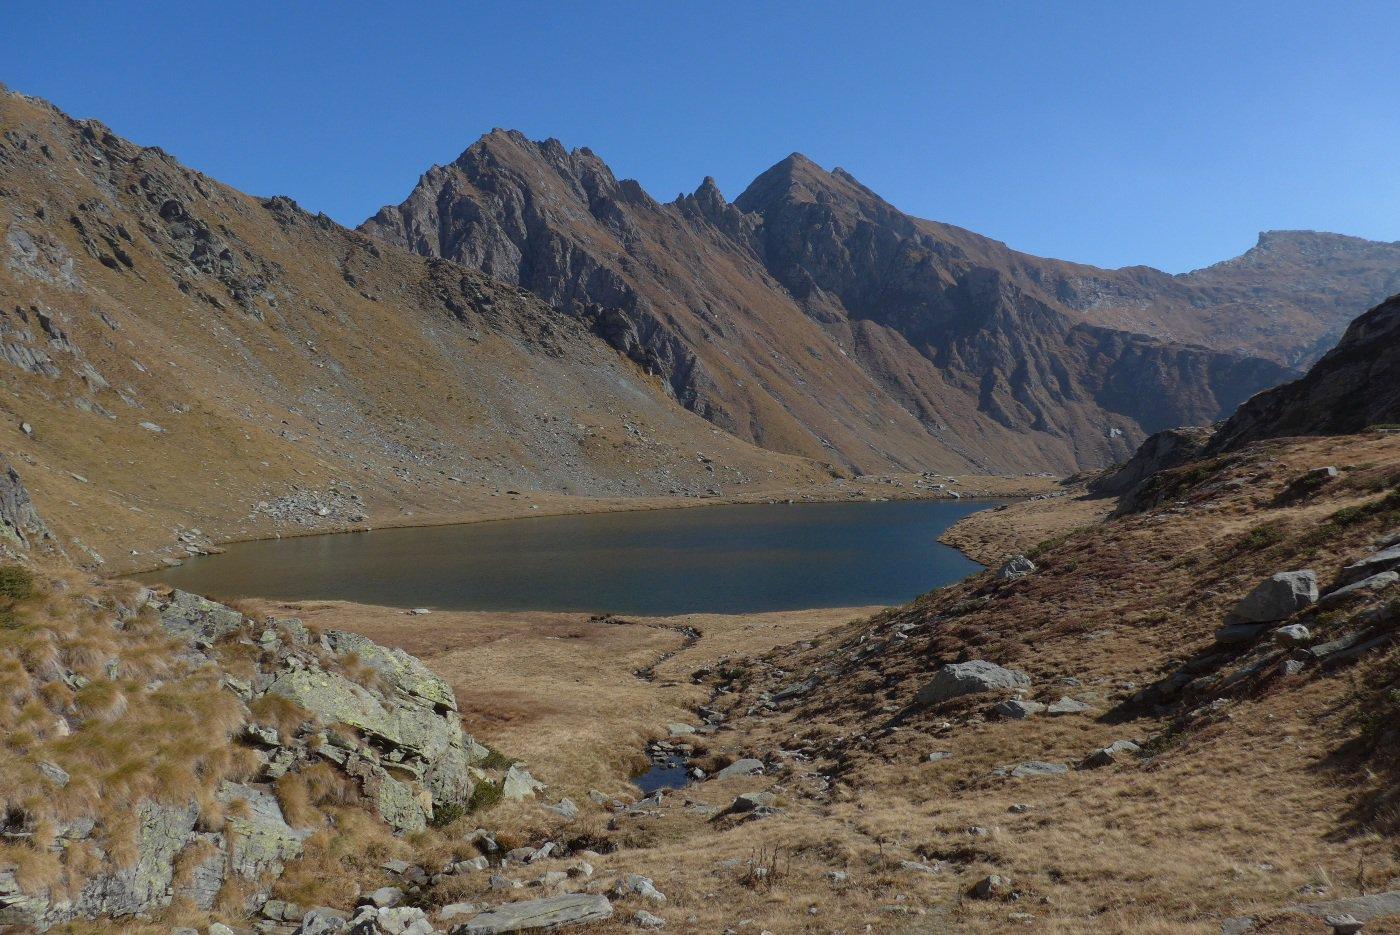 Il lago Santanel e il monte Facciabella